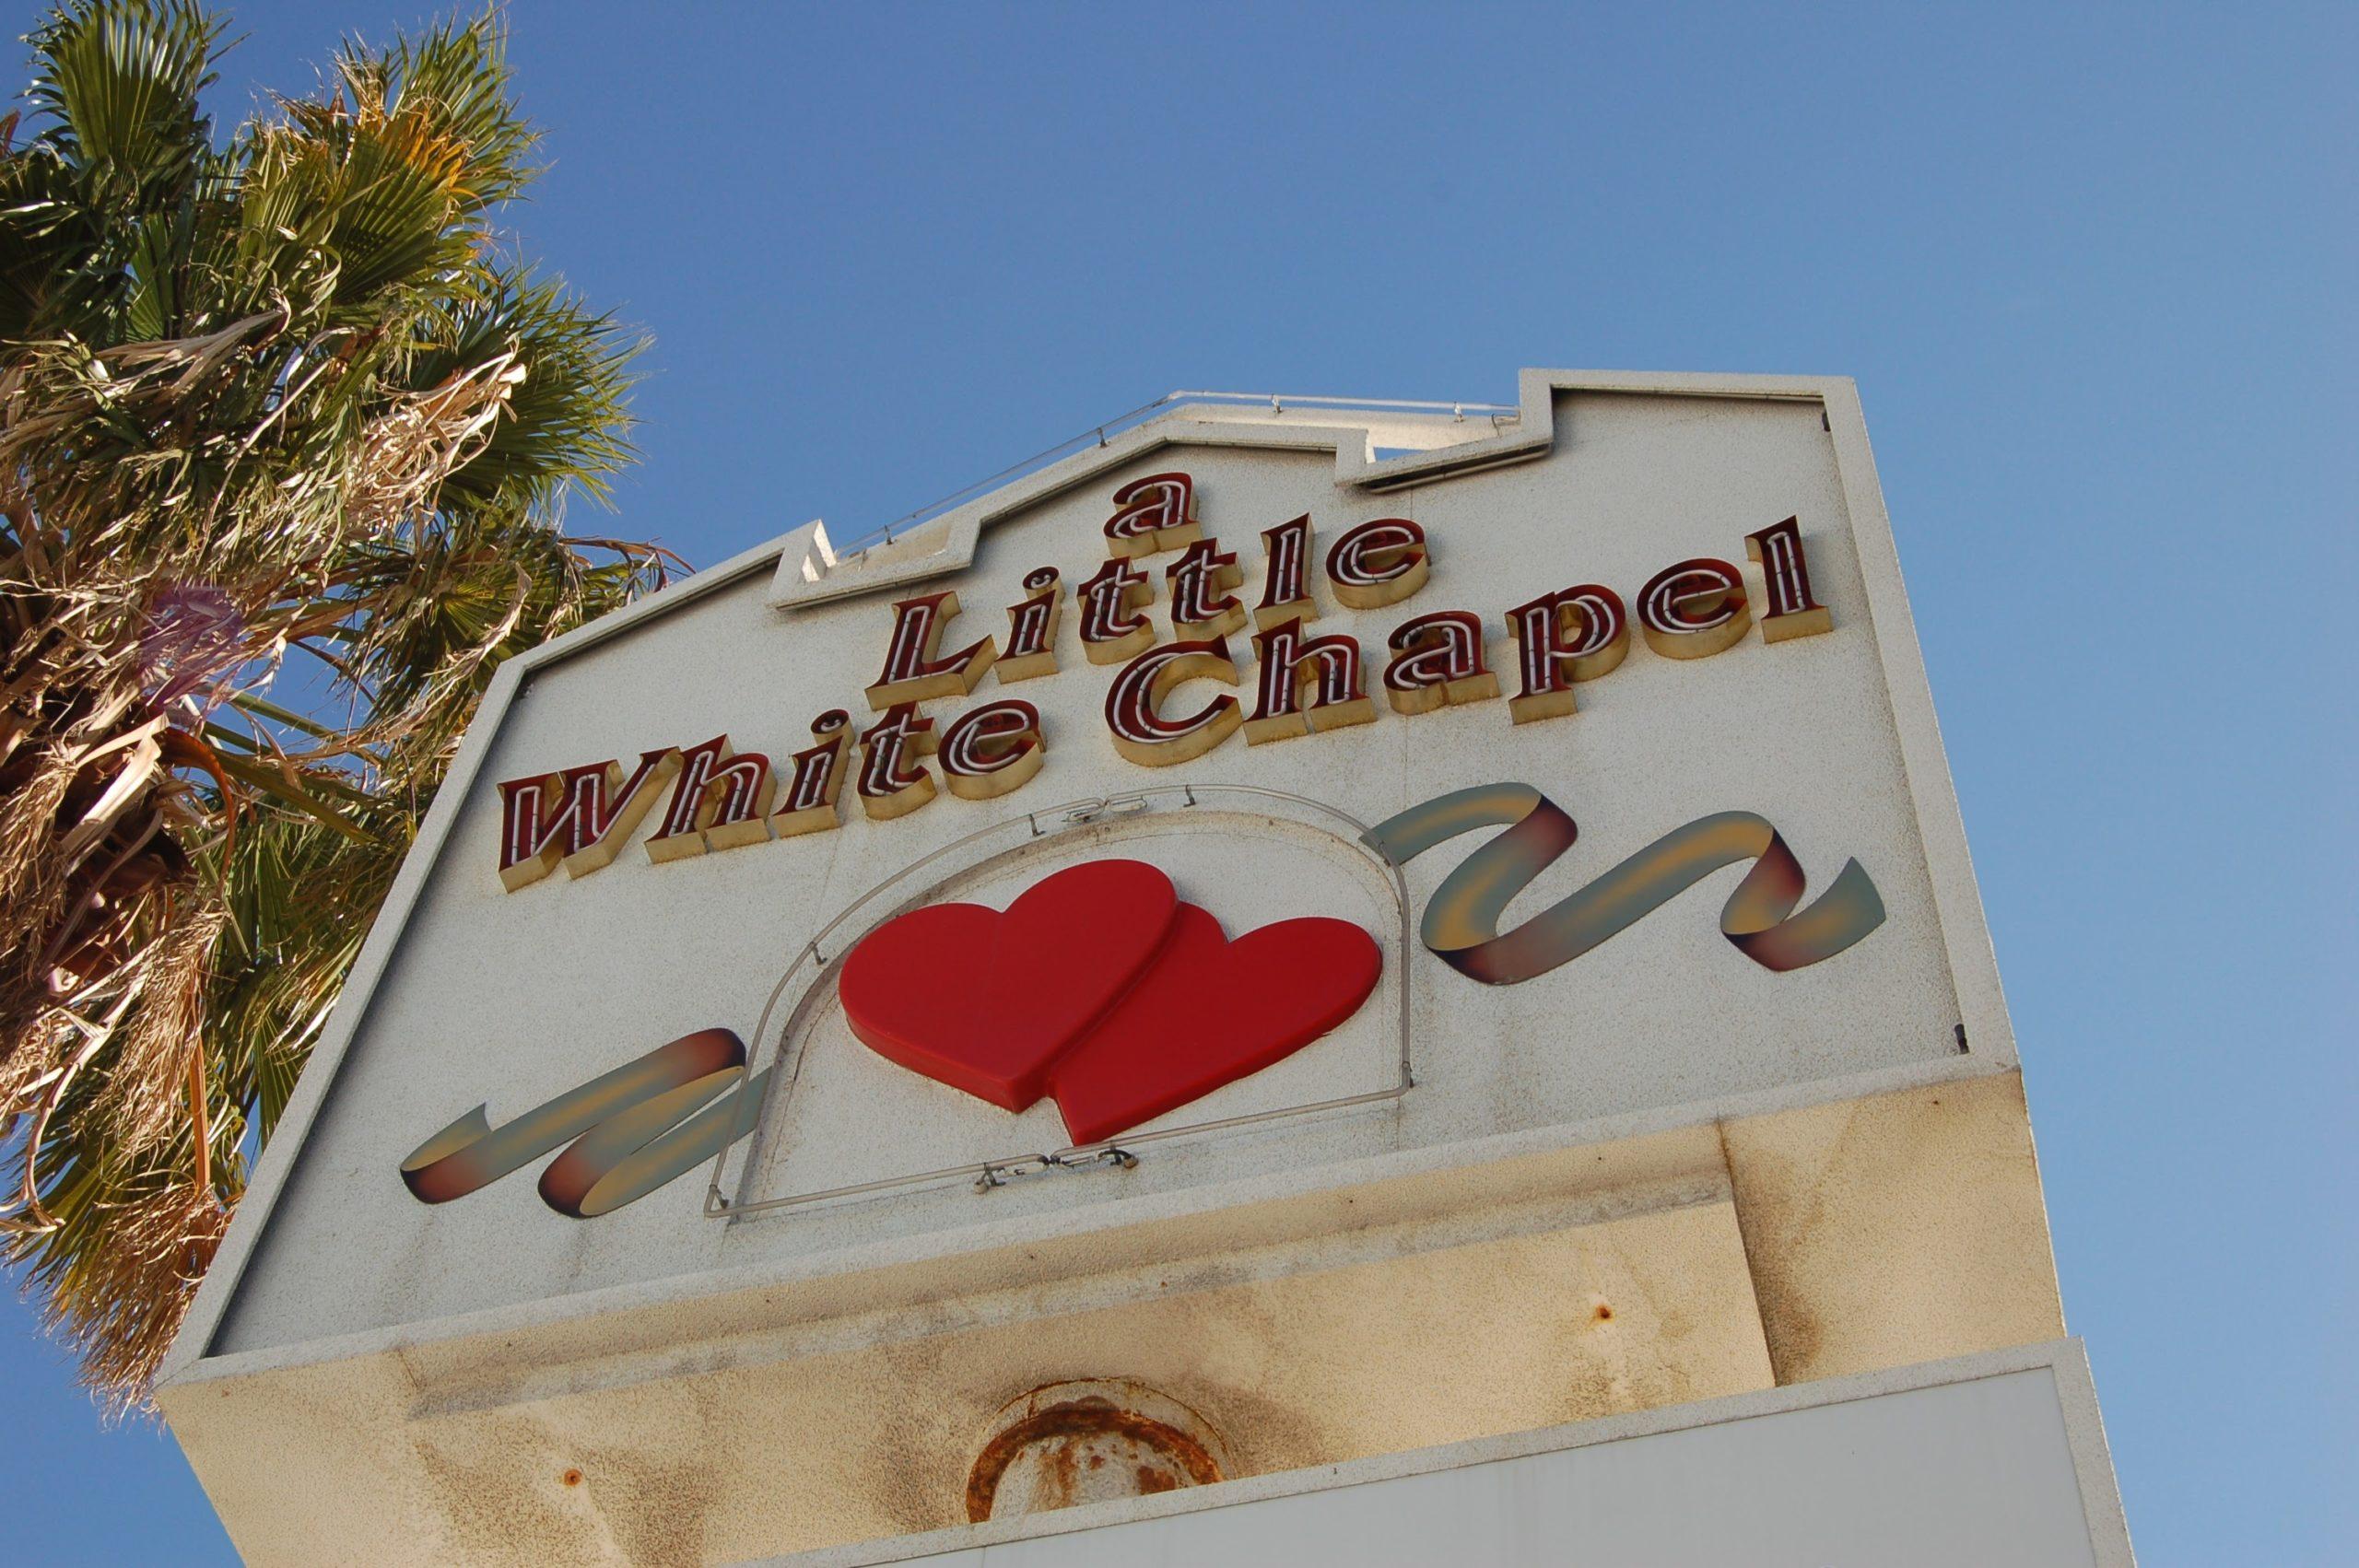 A Little White Chapel, Las Vegas